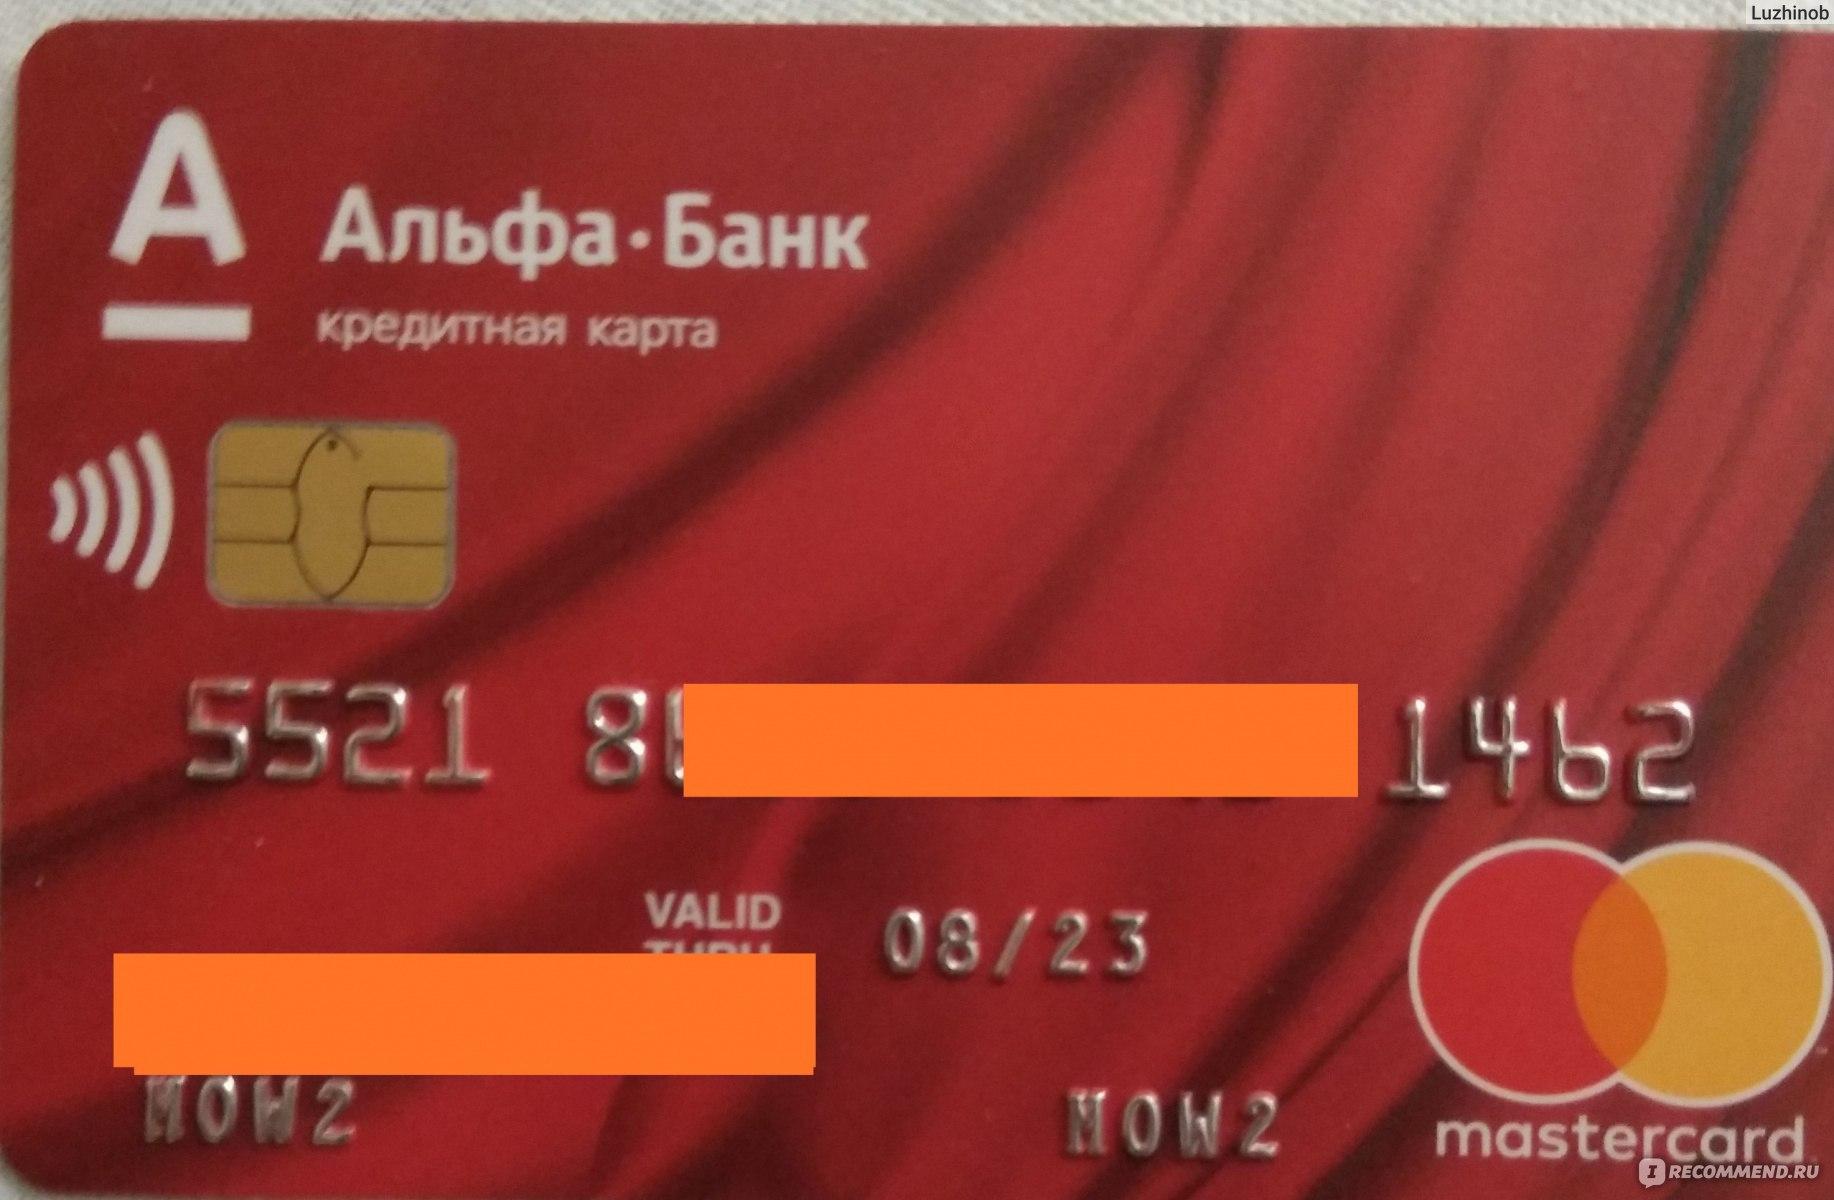 Кредитная карта альфа банк 100 дней условия снятия наличных отзывы